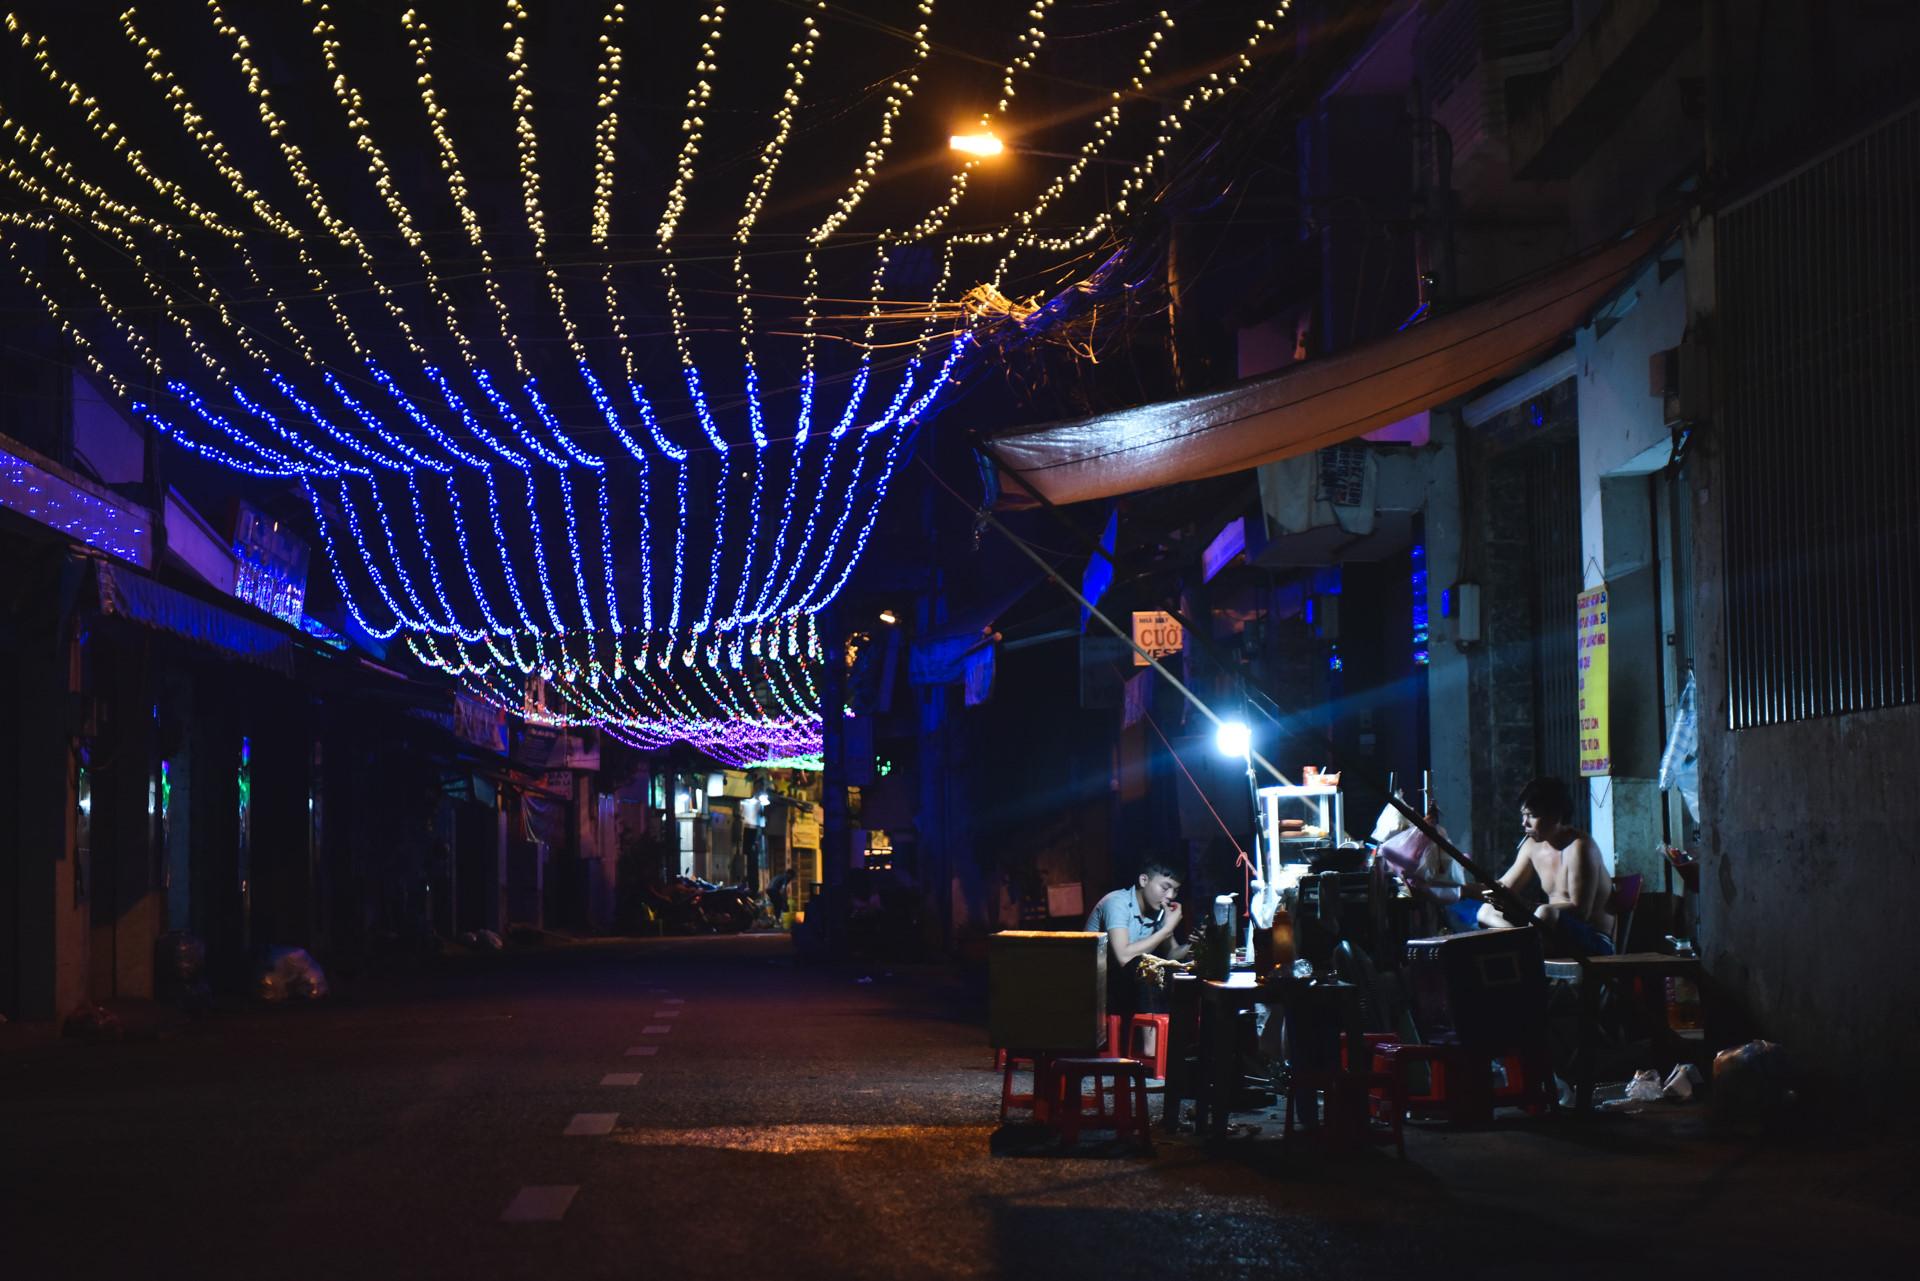 Có một giáng sinh lặng lẽ trong những con hẻm Sài Gòn Ảnh 11